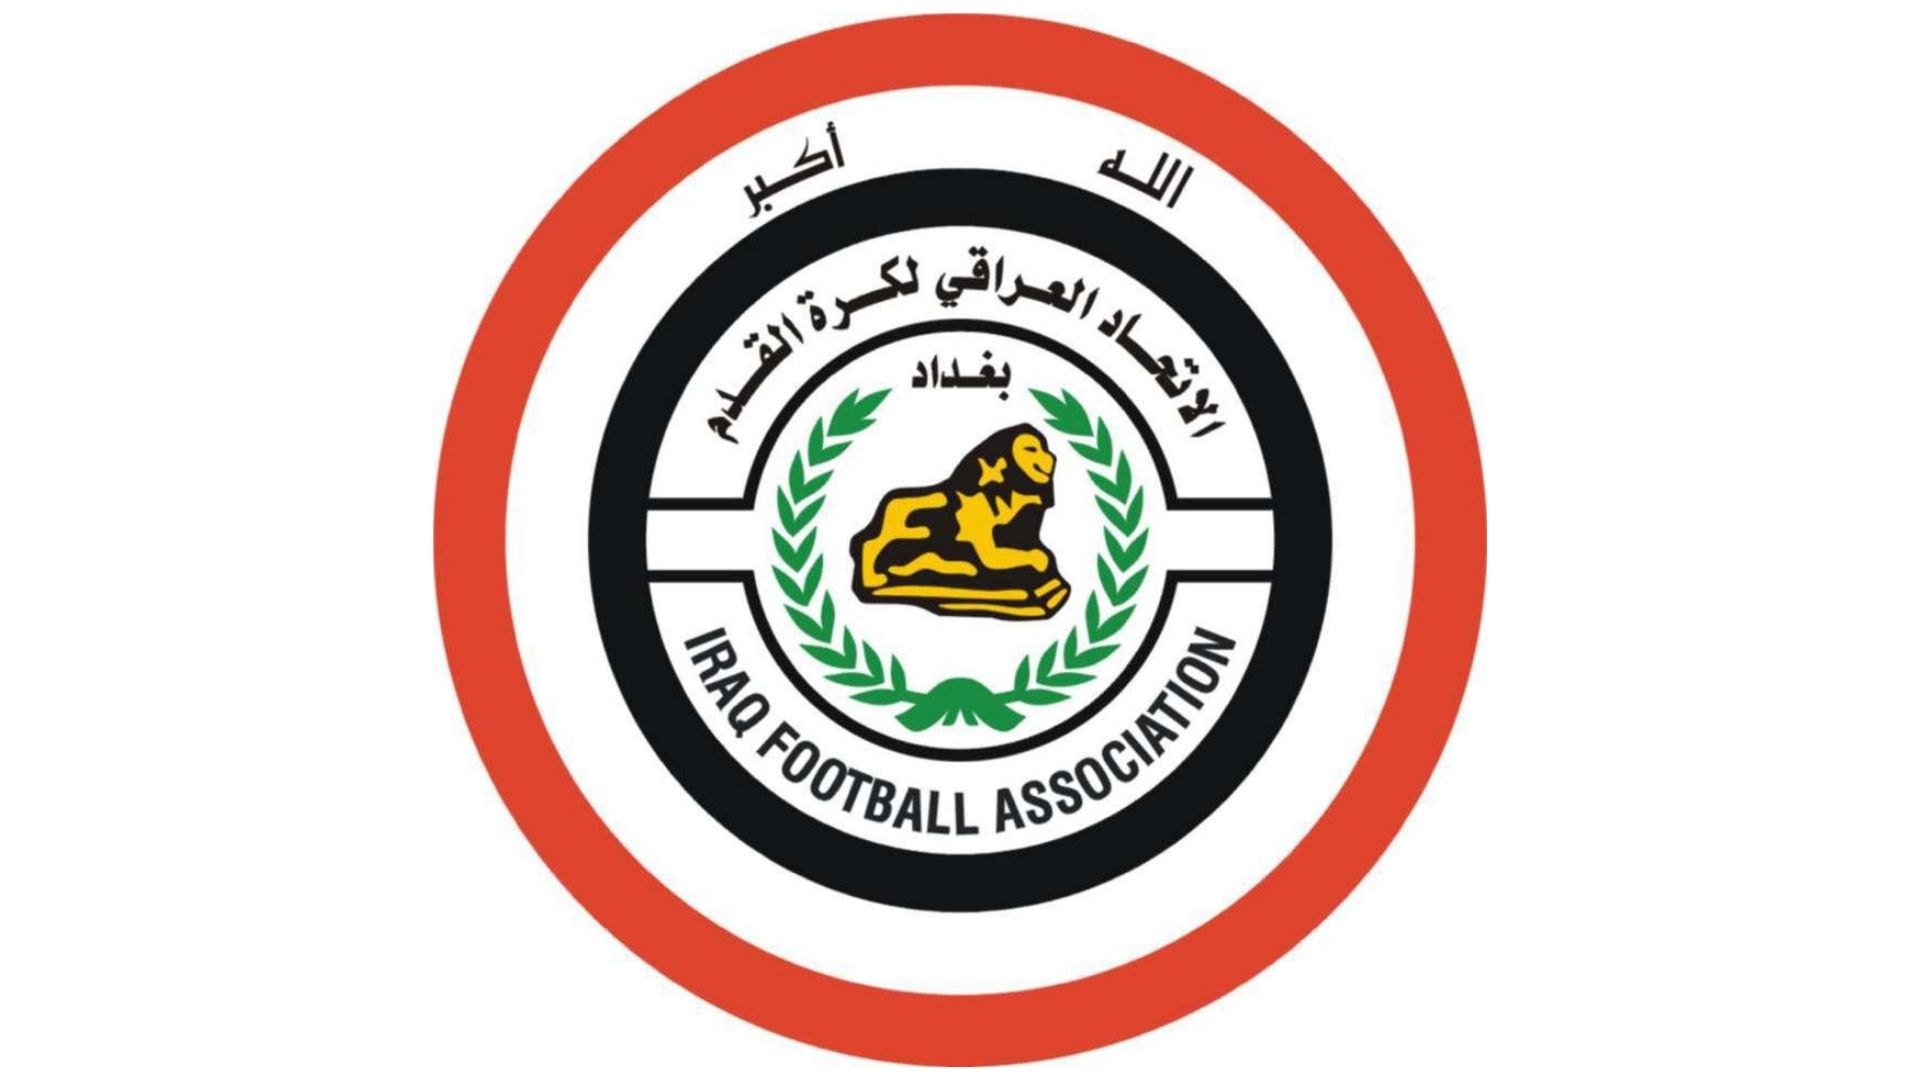 لاعبان عراقيان مغتربان يحصلان على إجازة الفيفا لتمثيل بلدهم